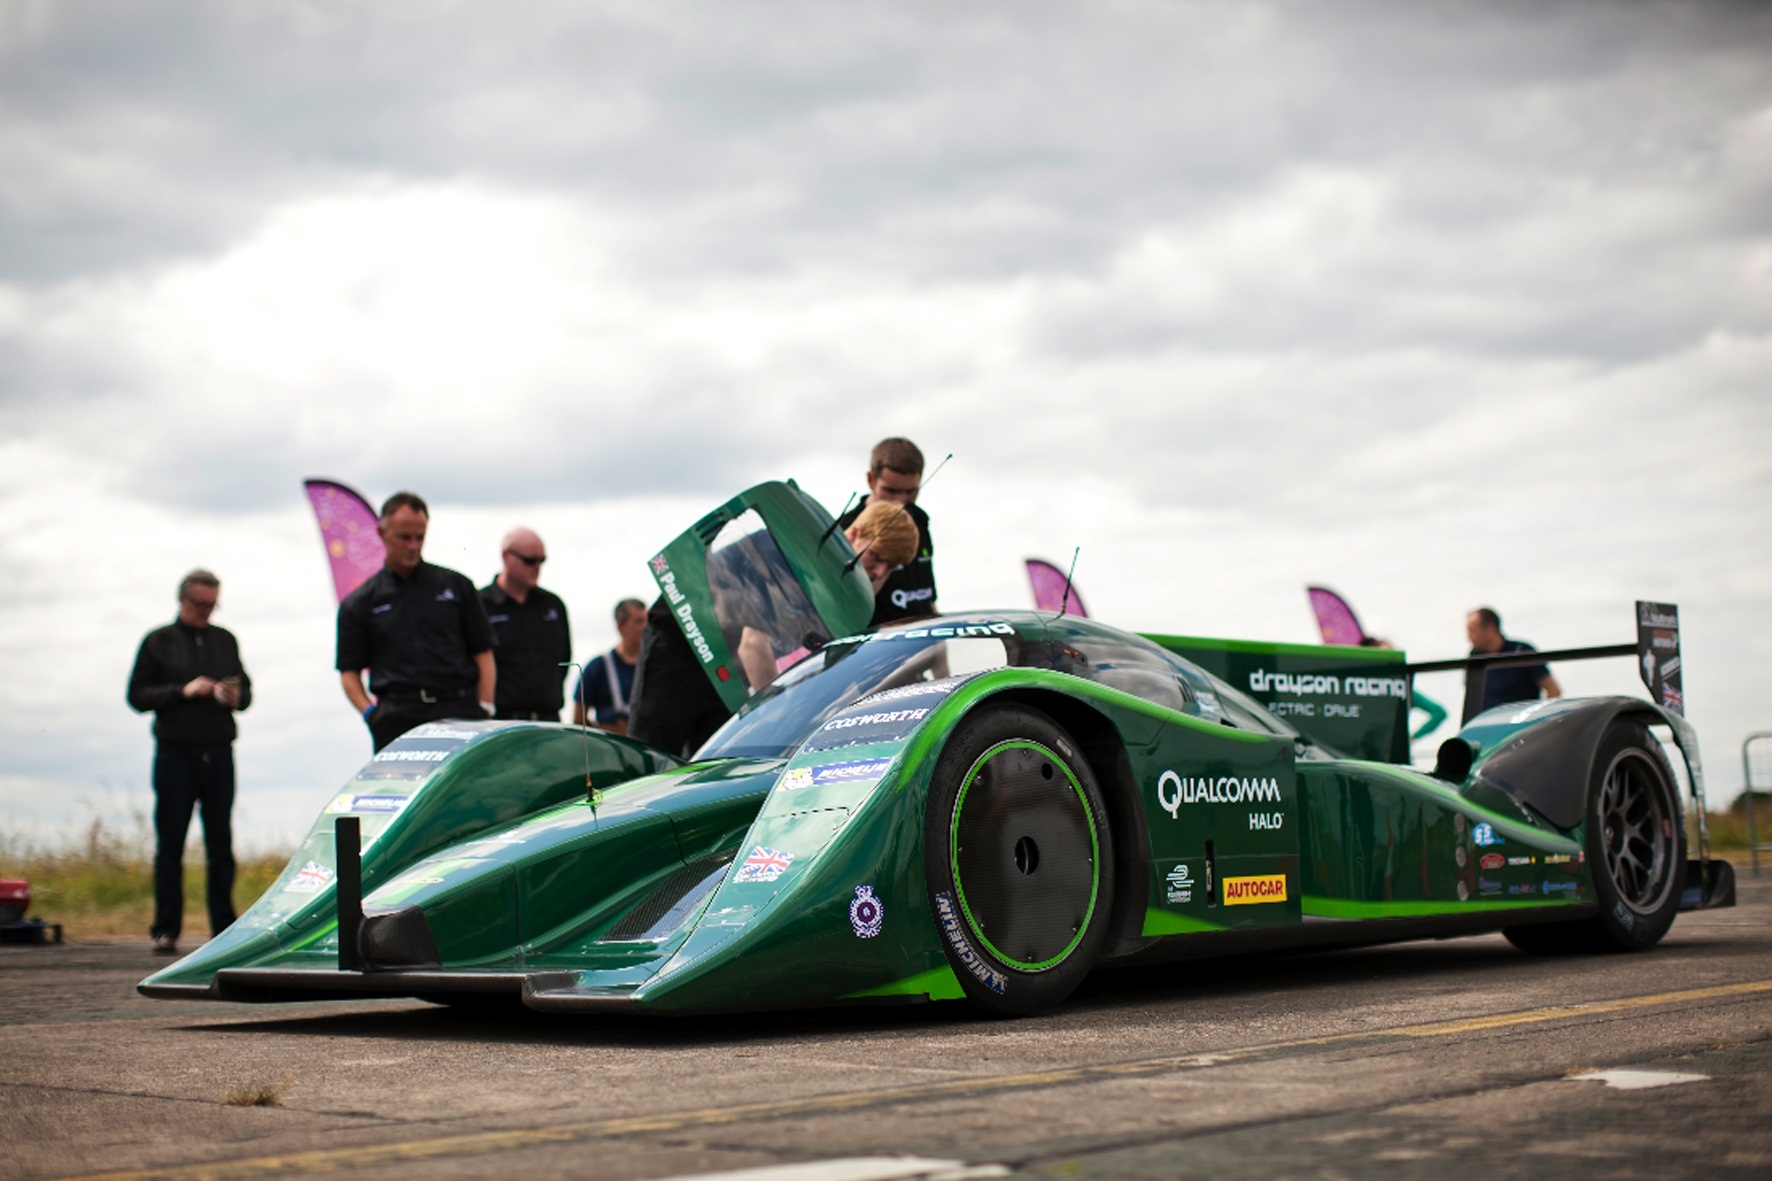 Michelin participa en el récord del mundo de velocidad de un vehículo eléctrico